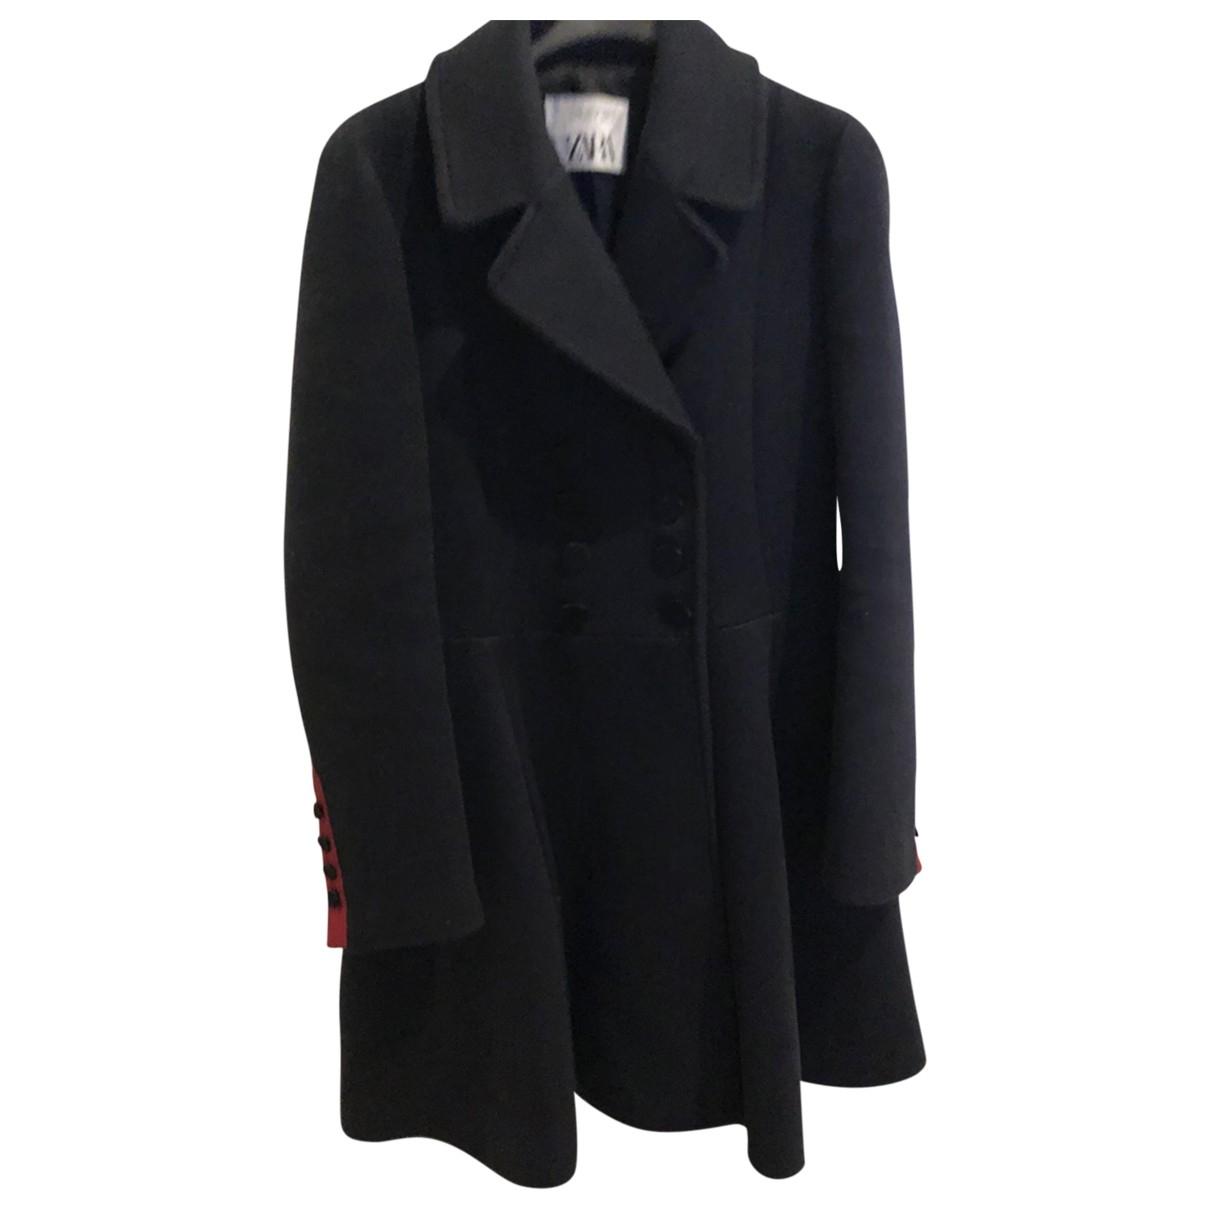 Zara \N Wool coat for Women M International